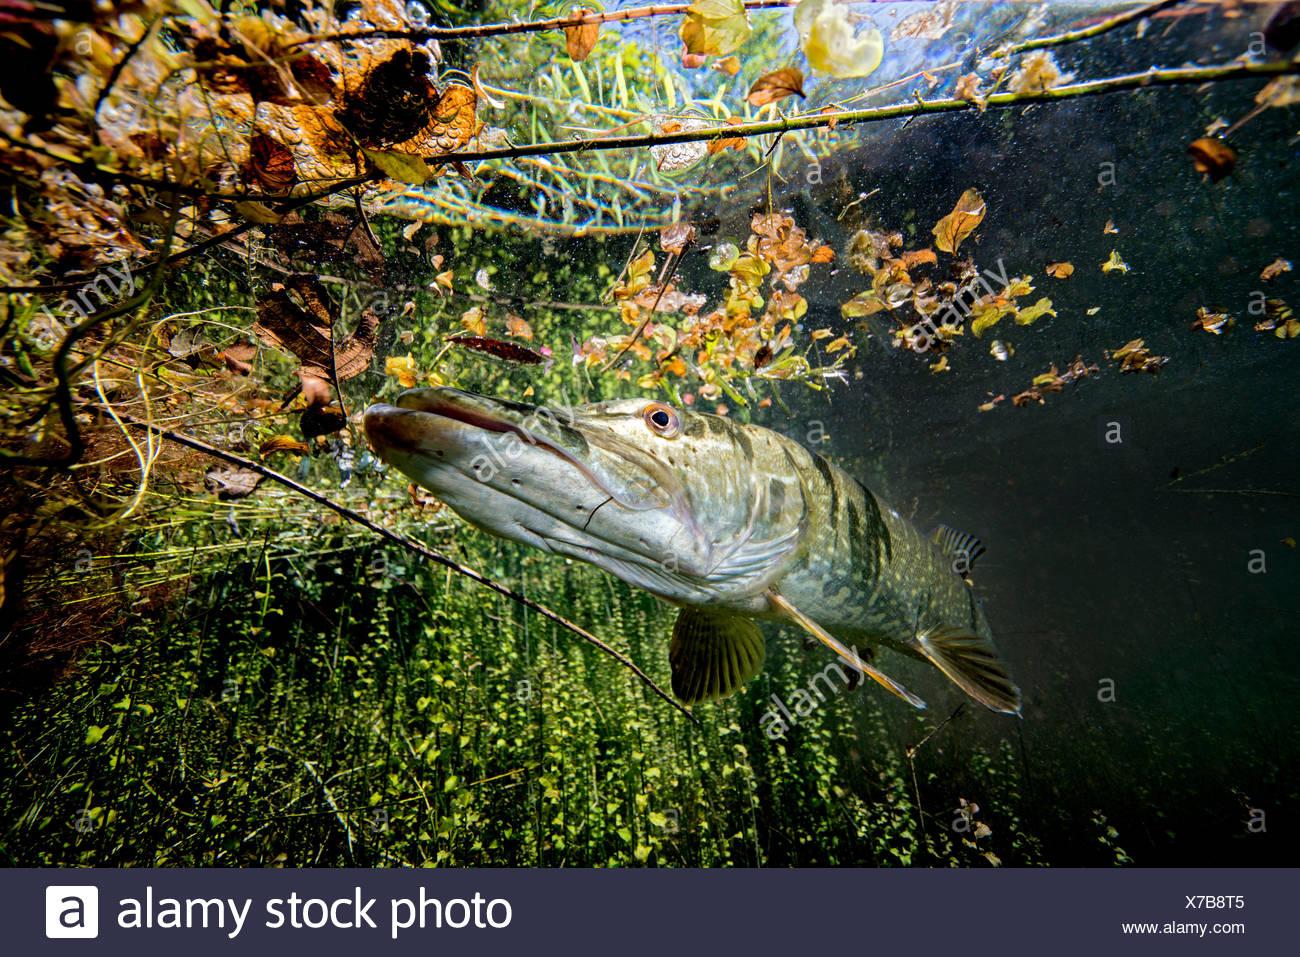 Europa; Deutschland, Bayern, Echinger Weiher, Hecht; Hecht im Flachwasser; hechtartiger; Raubfisch; Süsswasser; Süsswasserfisch; Knochenfisch   Europe - Stock Image